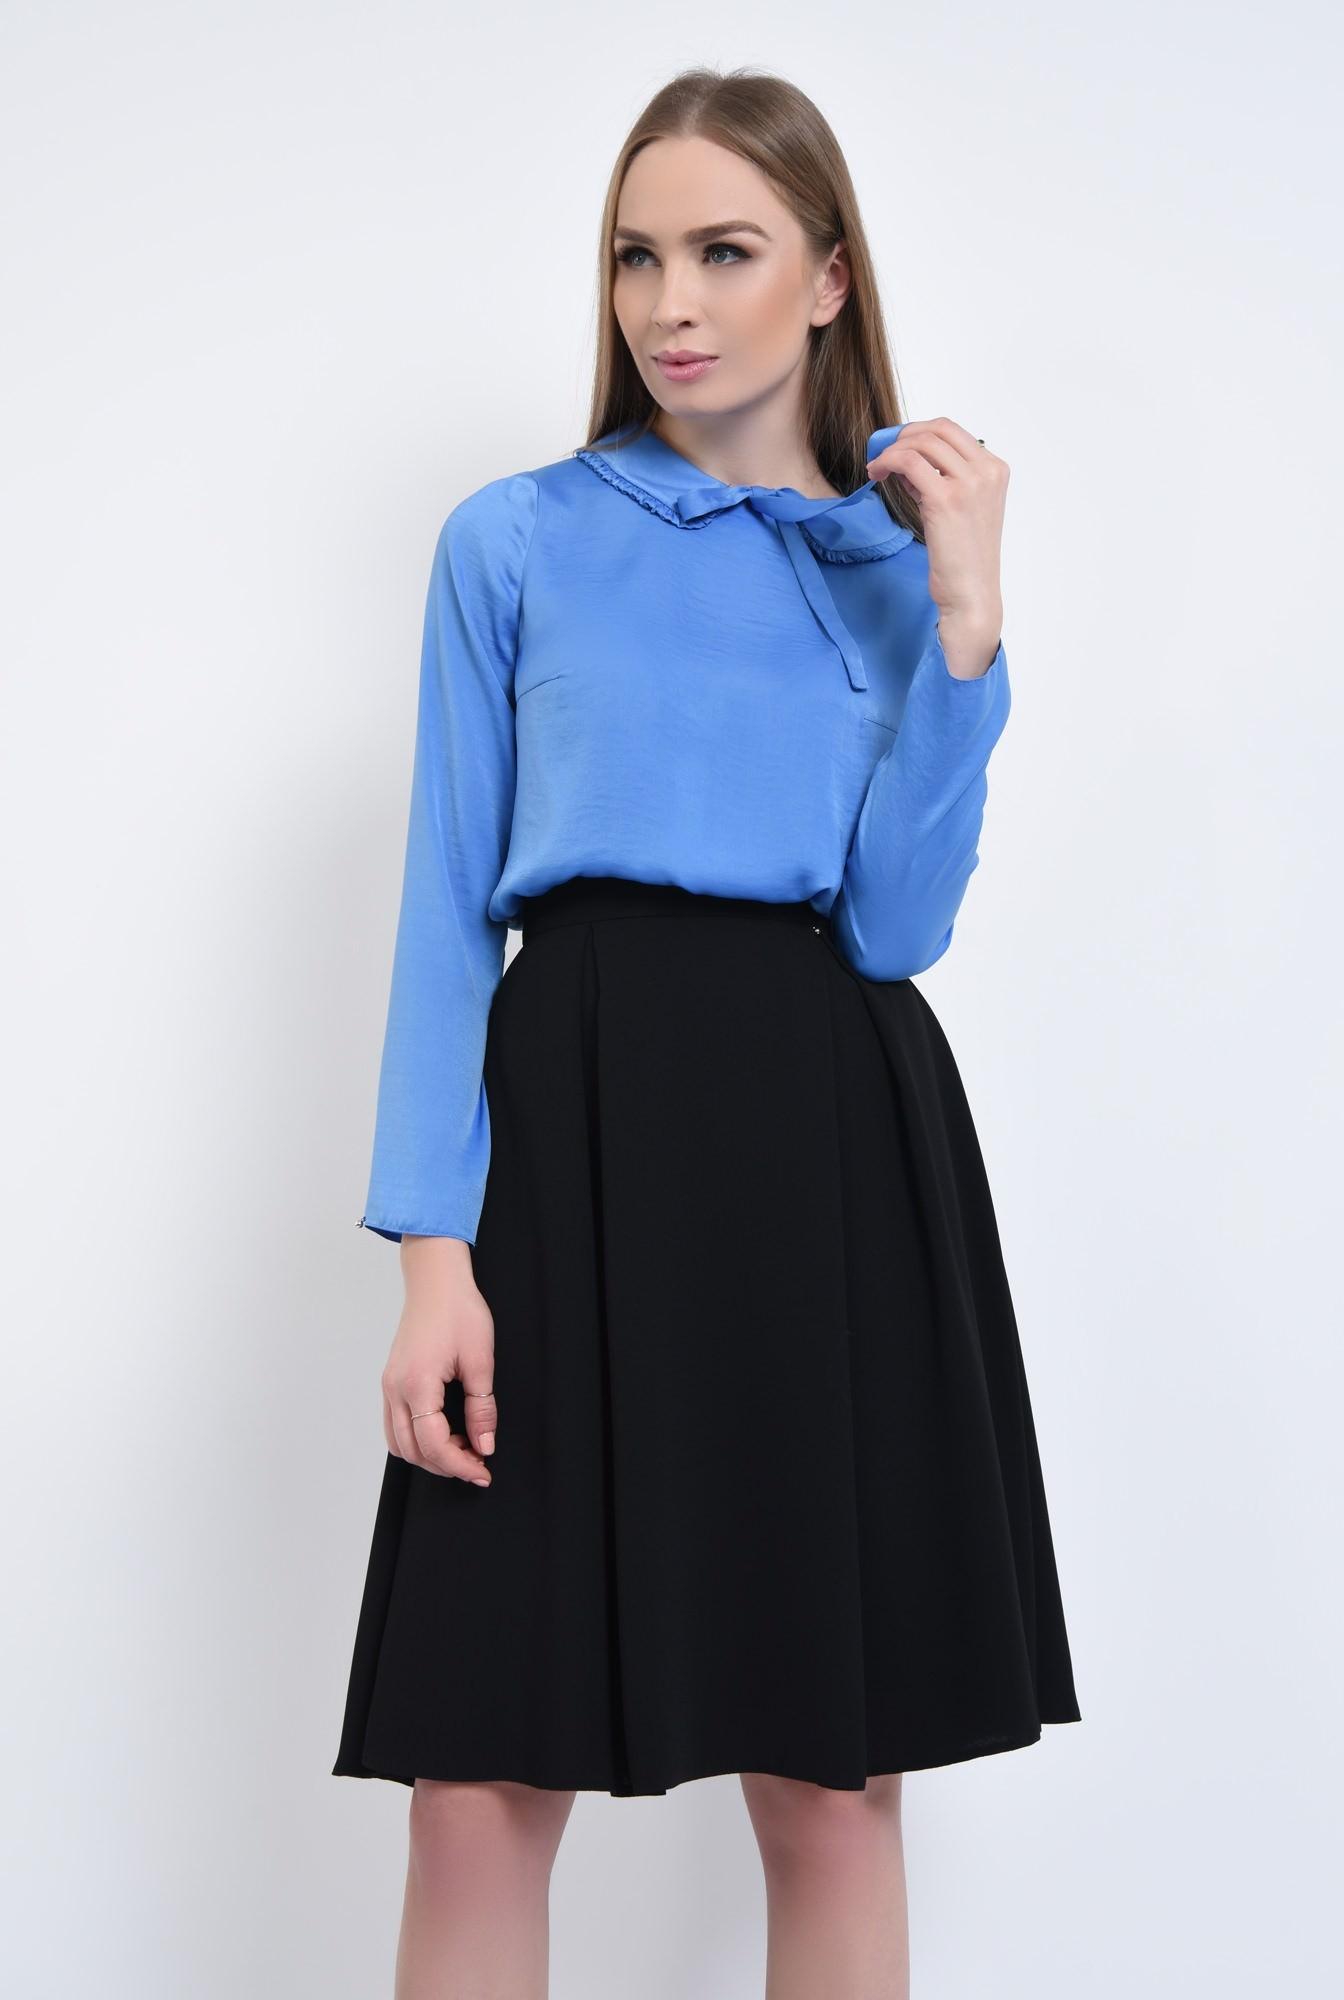 0 - bluza albastra, satin, funda